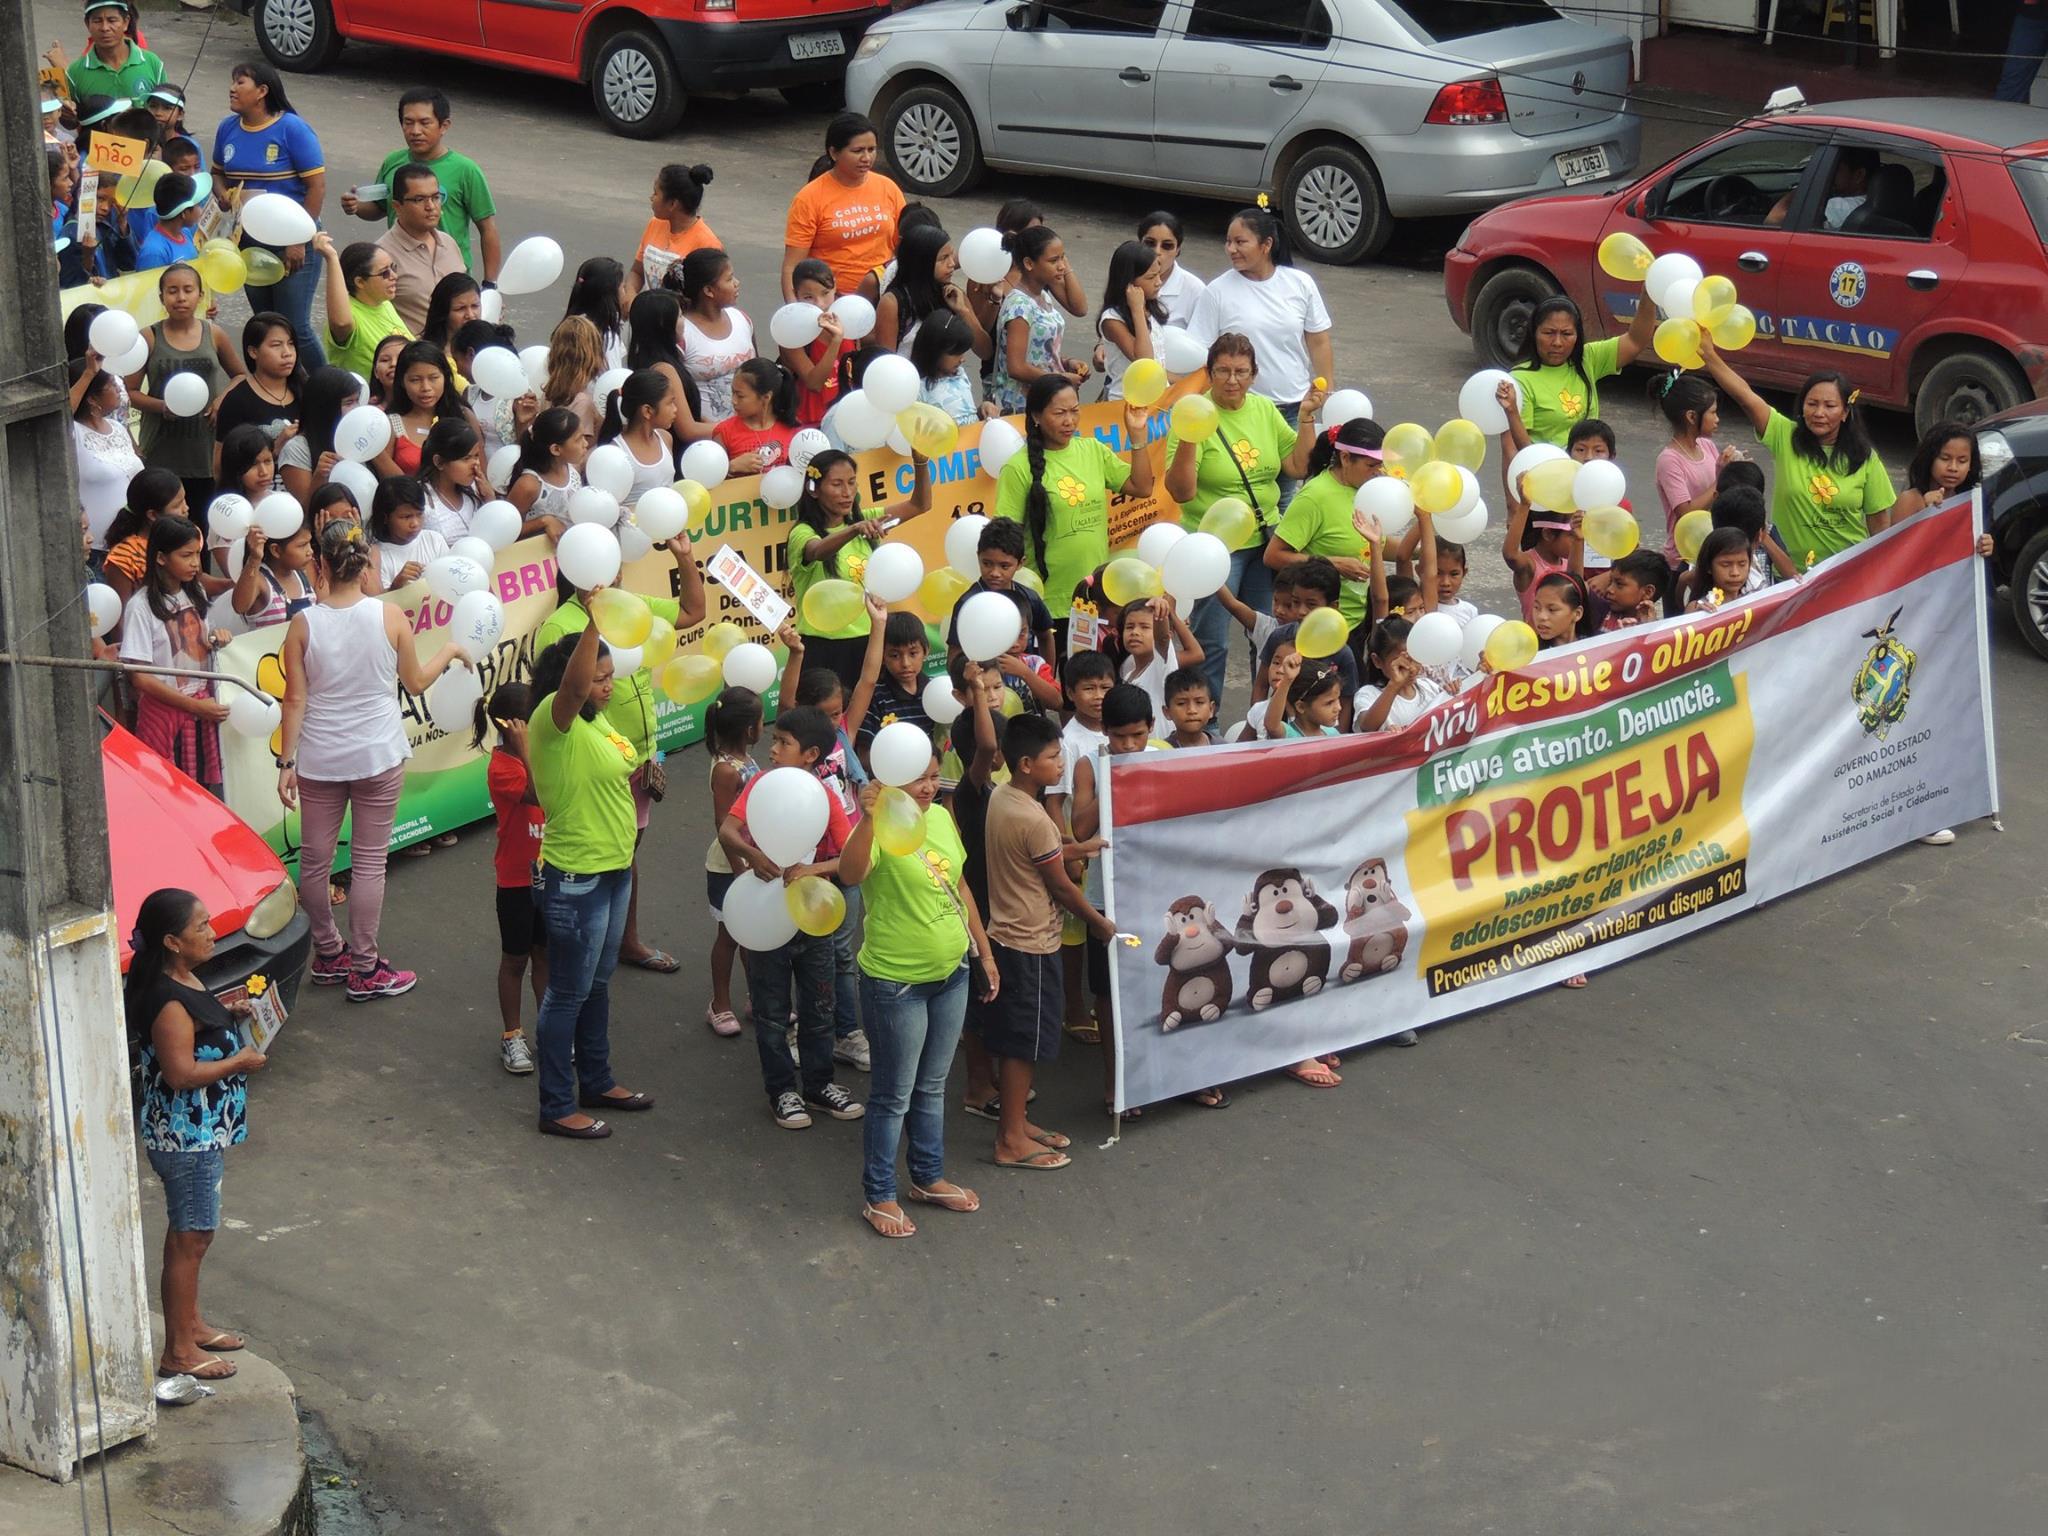 ONG de Direitos Humanos vai pedir a federalização do processo de violência sexual em São Gabriel da Cachoeira